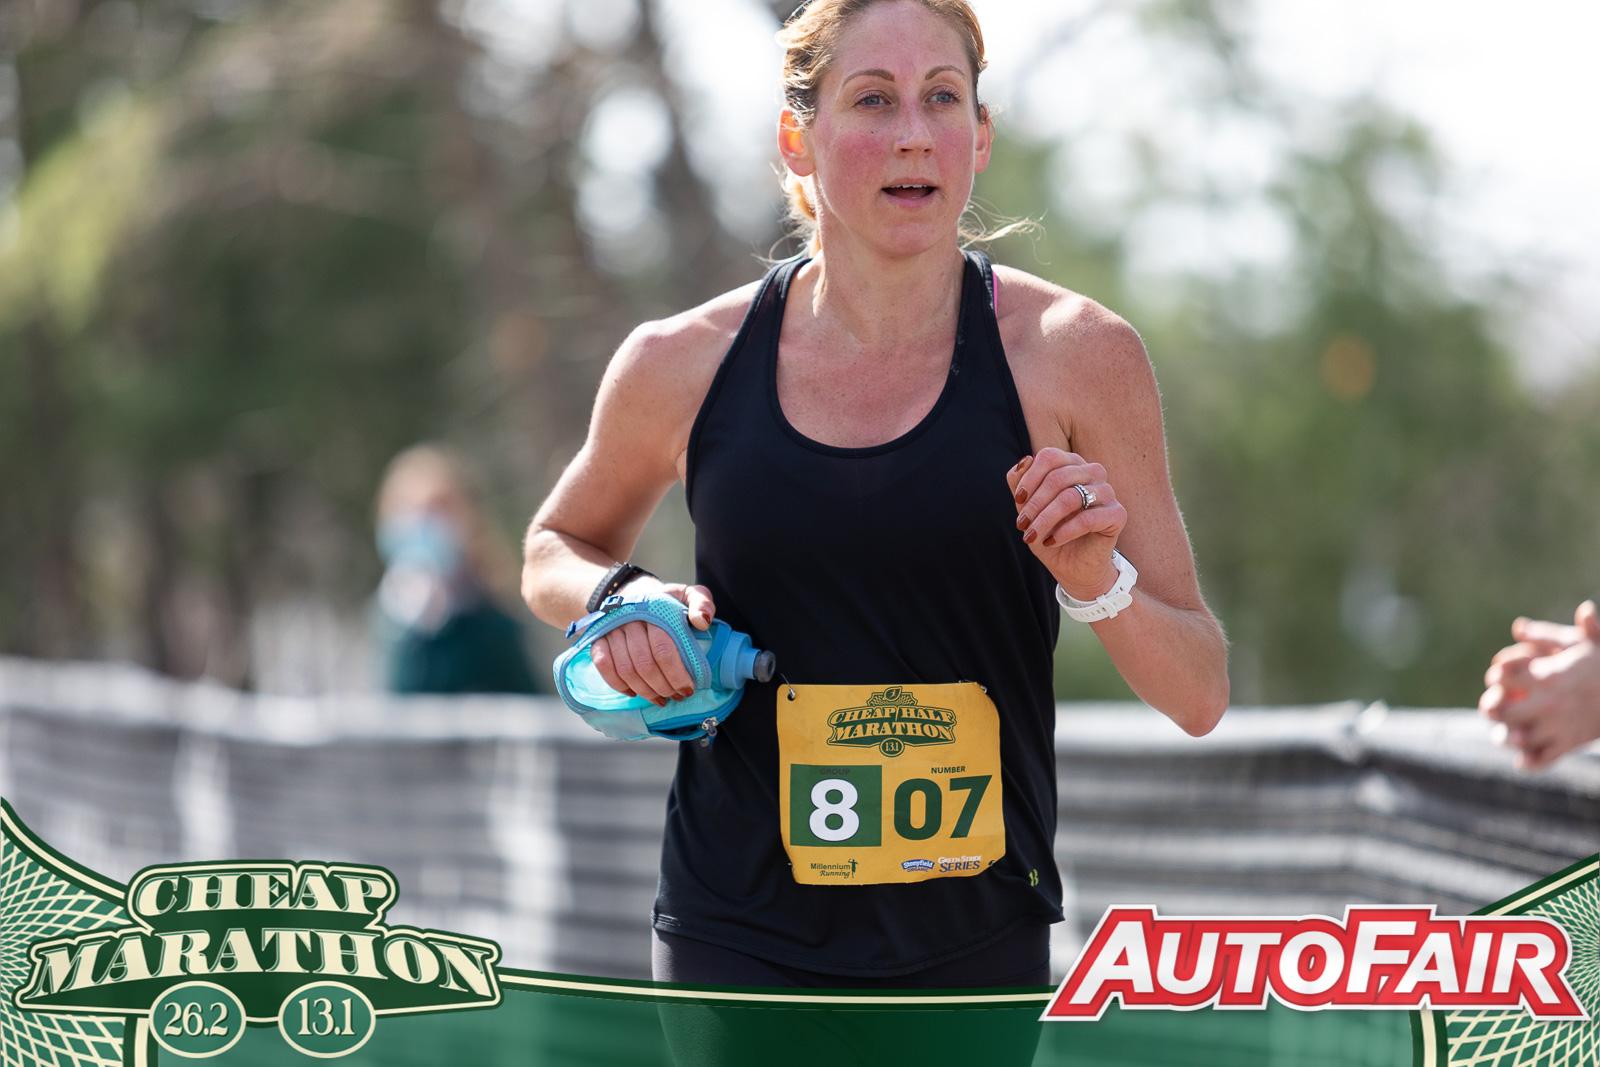 PHOTOS: Cheap Marathon – 2021